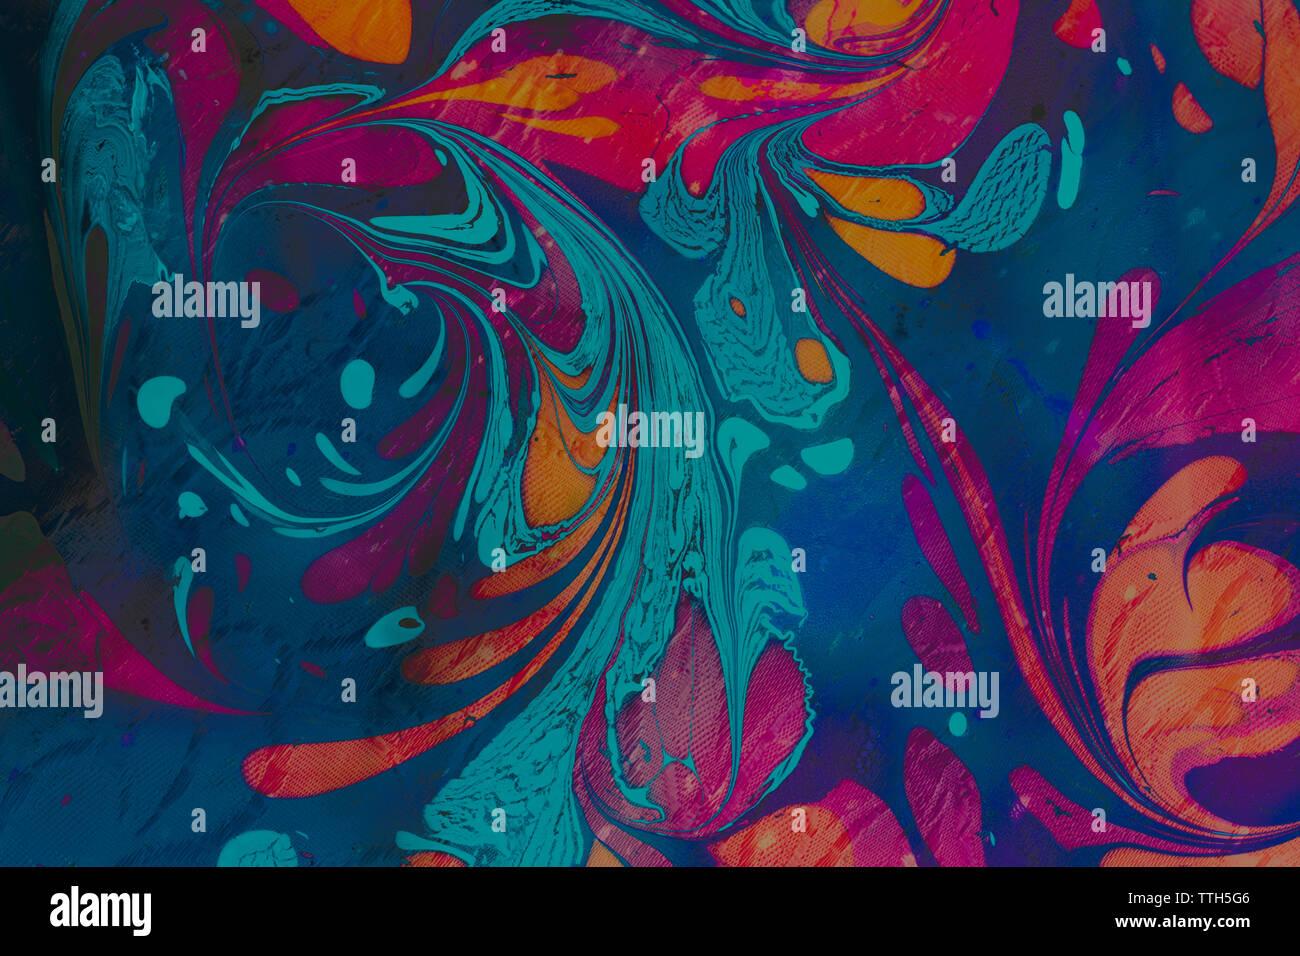 Veteado arte abstracto patrones como fondo de colores Imagen De Stock